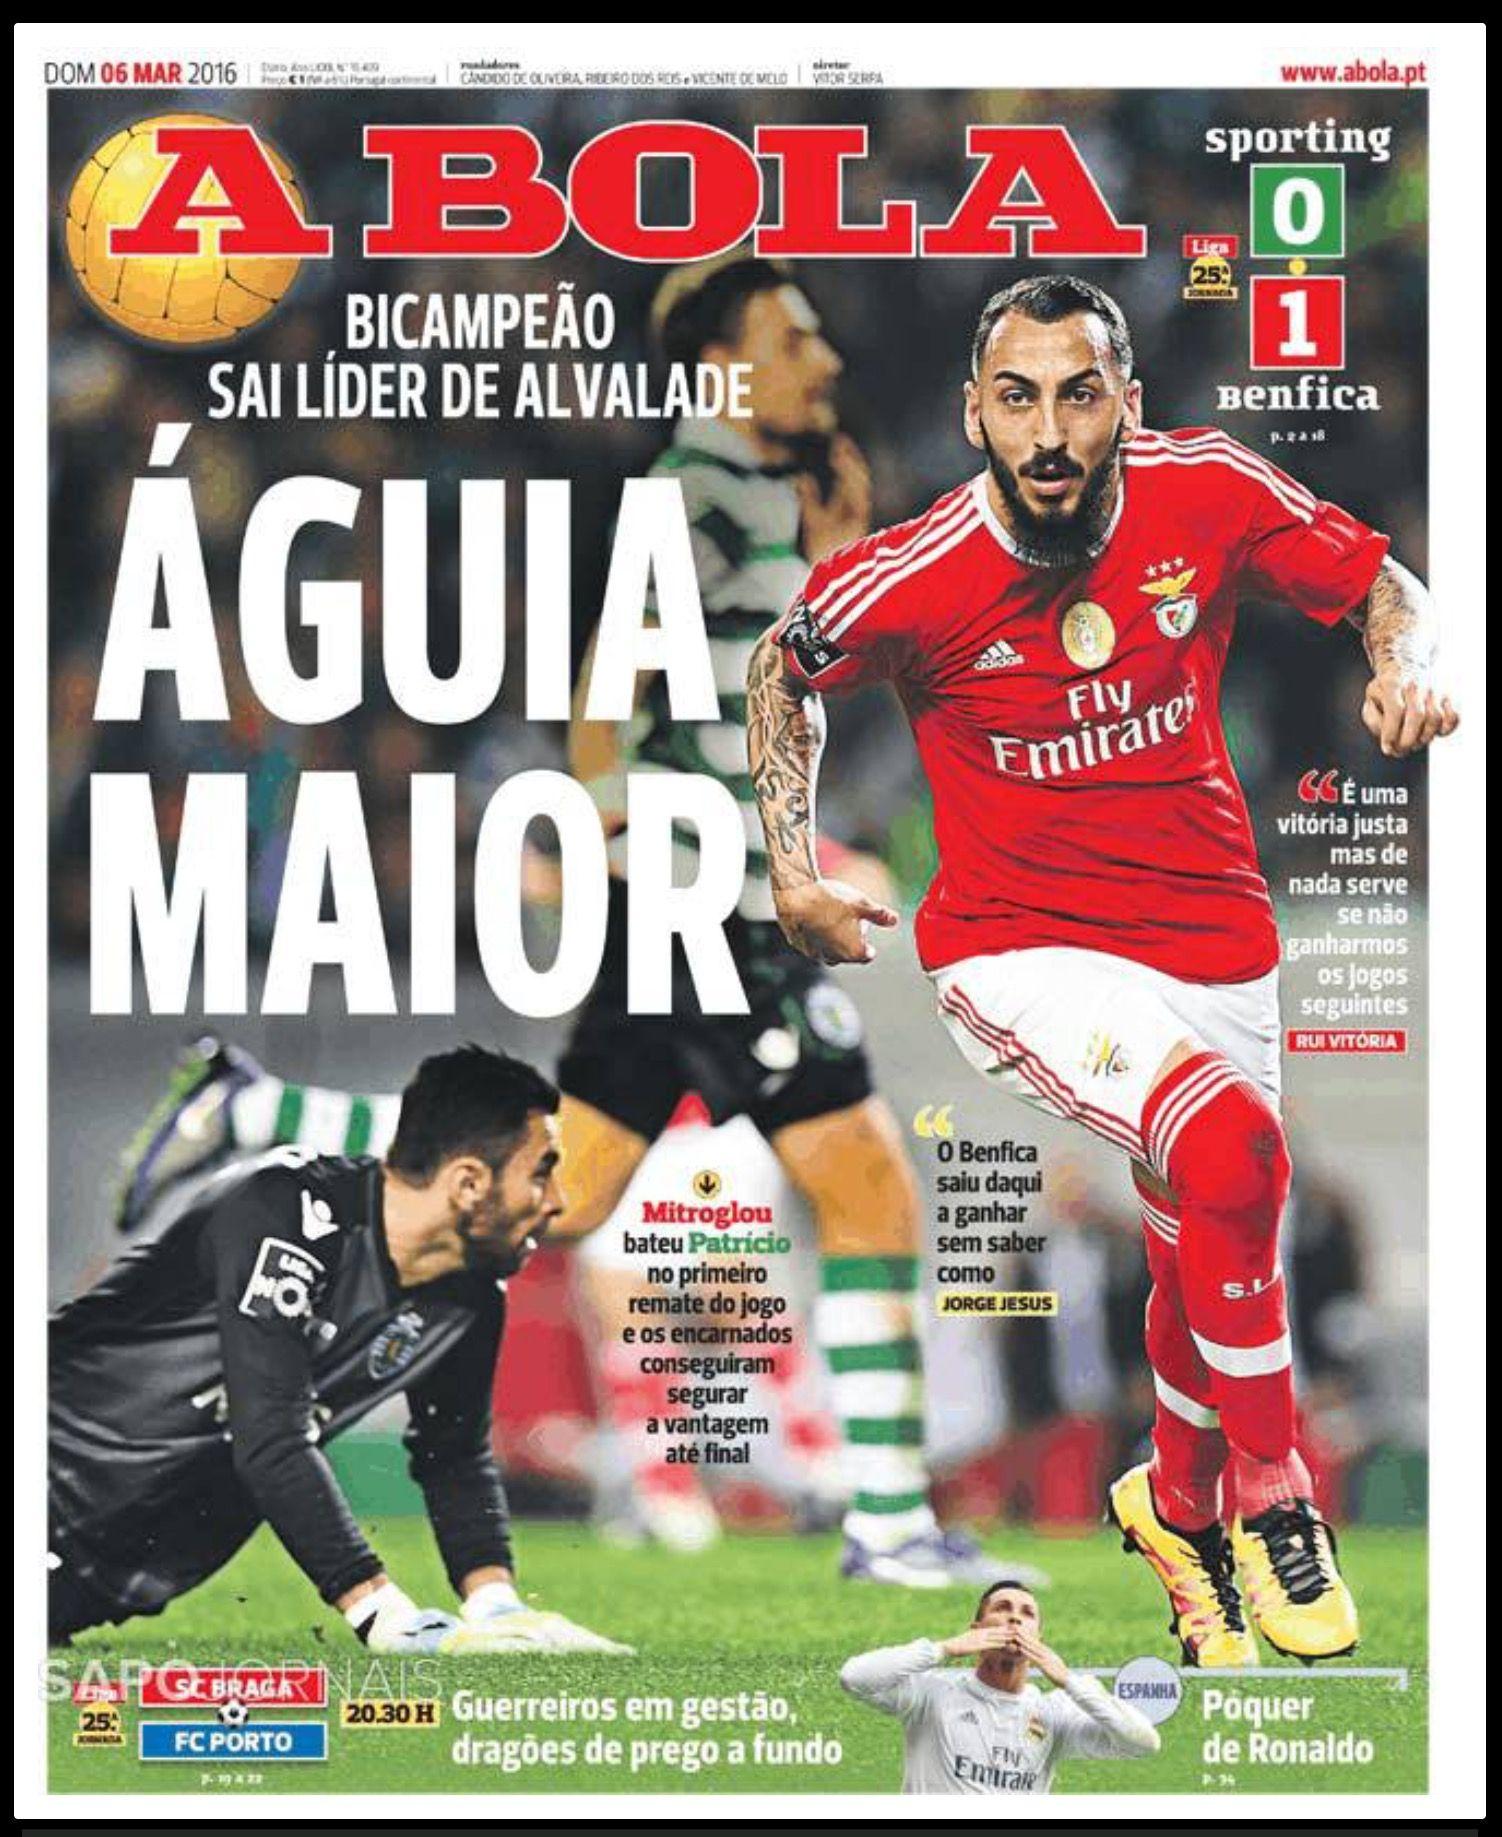 A Bola Jogadores Do Benfica Sport Lisboa E Benfica Memes De Futebol